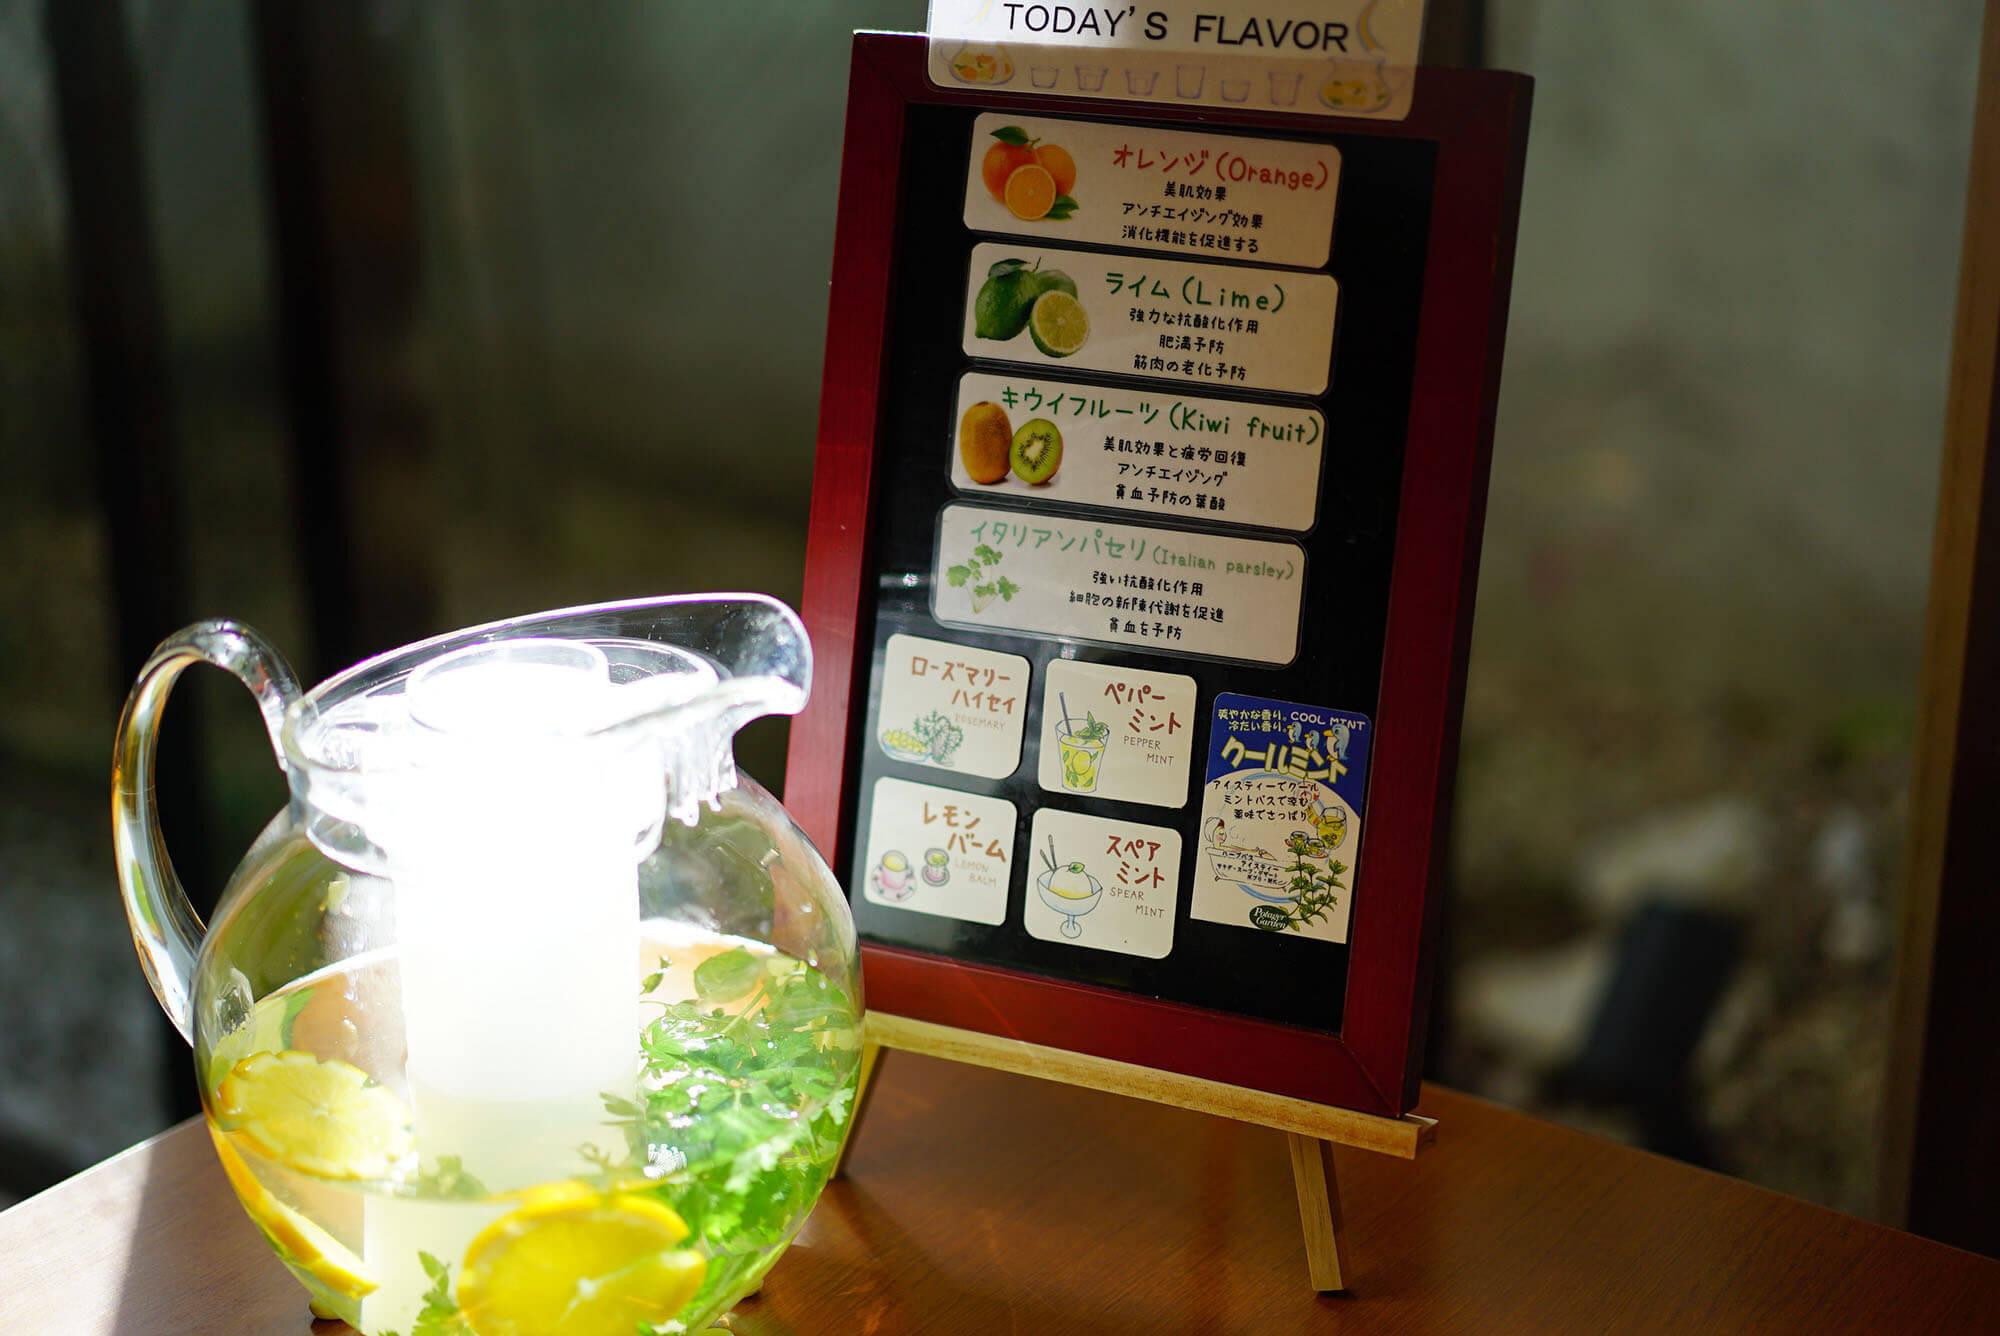 ホテルエリアワン高知 / ◆朝食付◆メインを1つ選べるオリジナルサンドとサラダ、シリアル、デザートなど◆駐車場1室1台無料◆